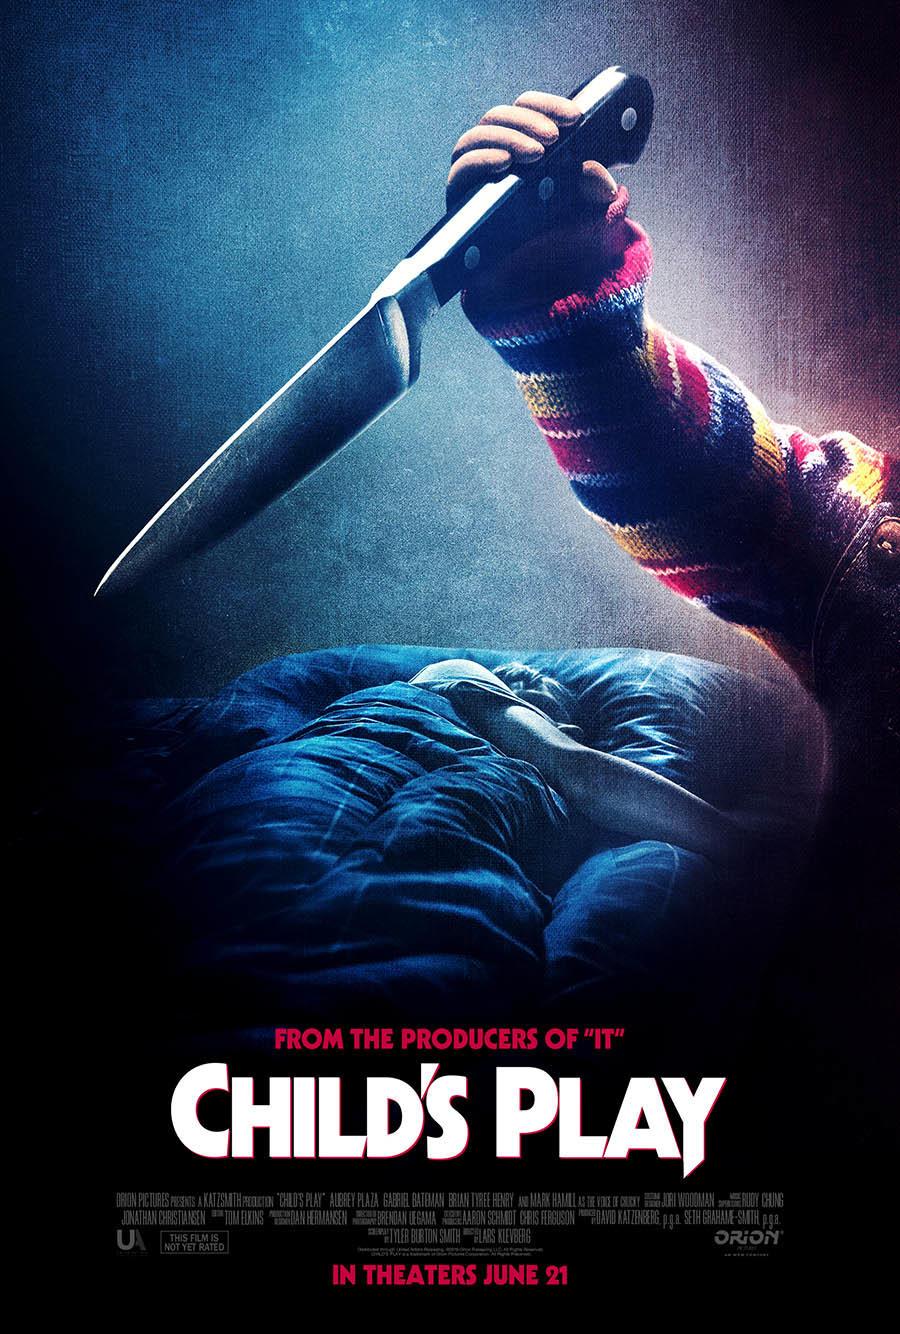 Childs Play 2019 Fandango